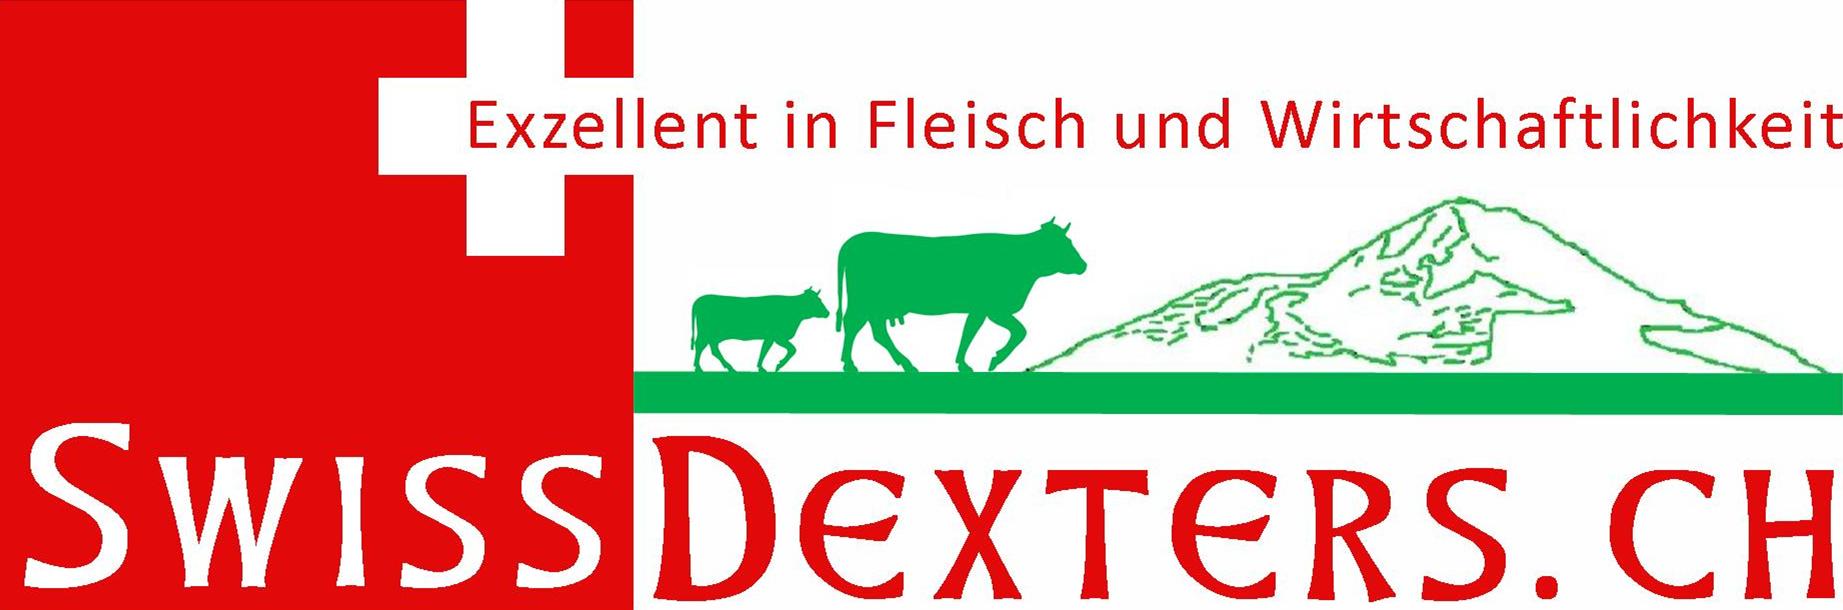 Dexter KB Stîere / AI bulls